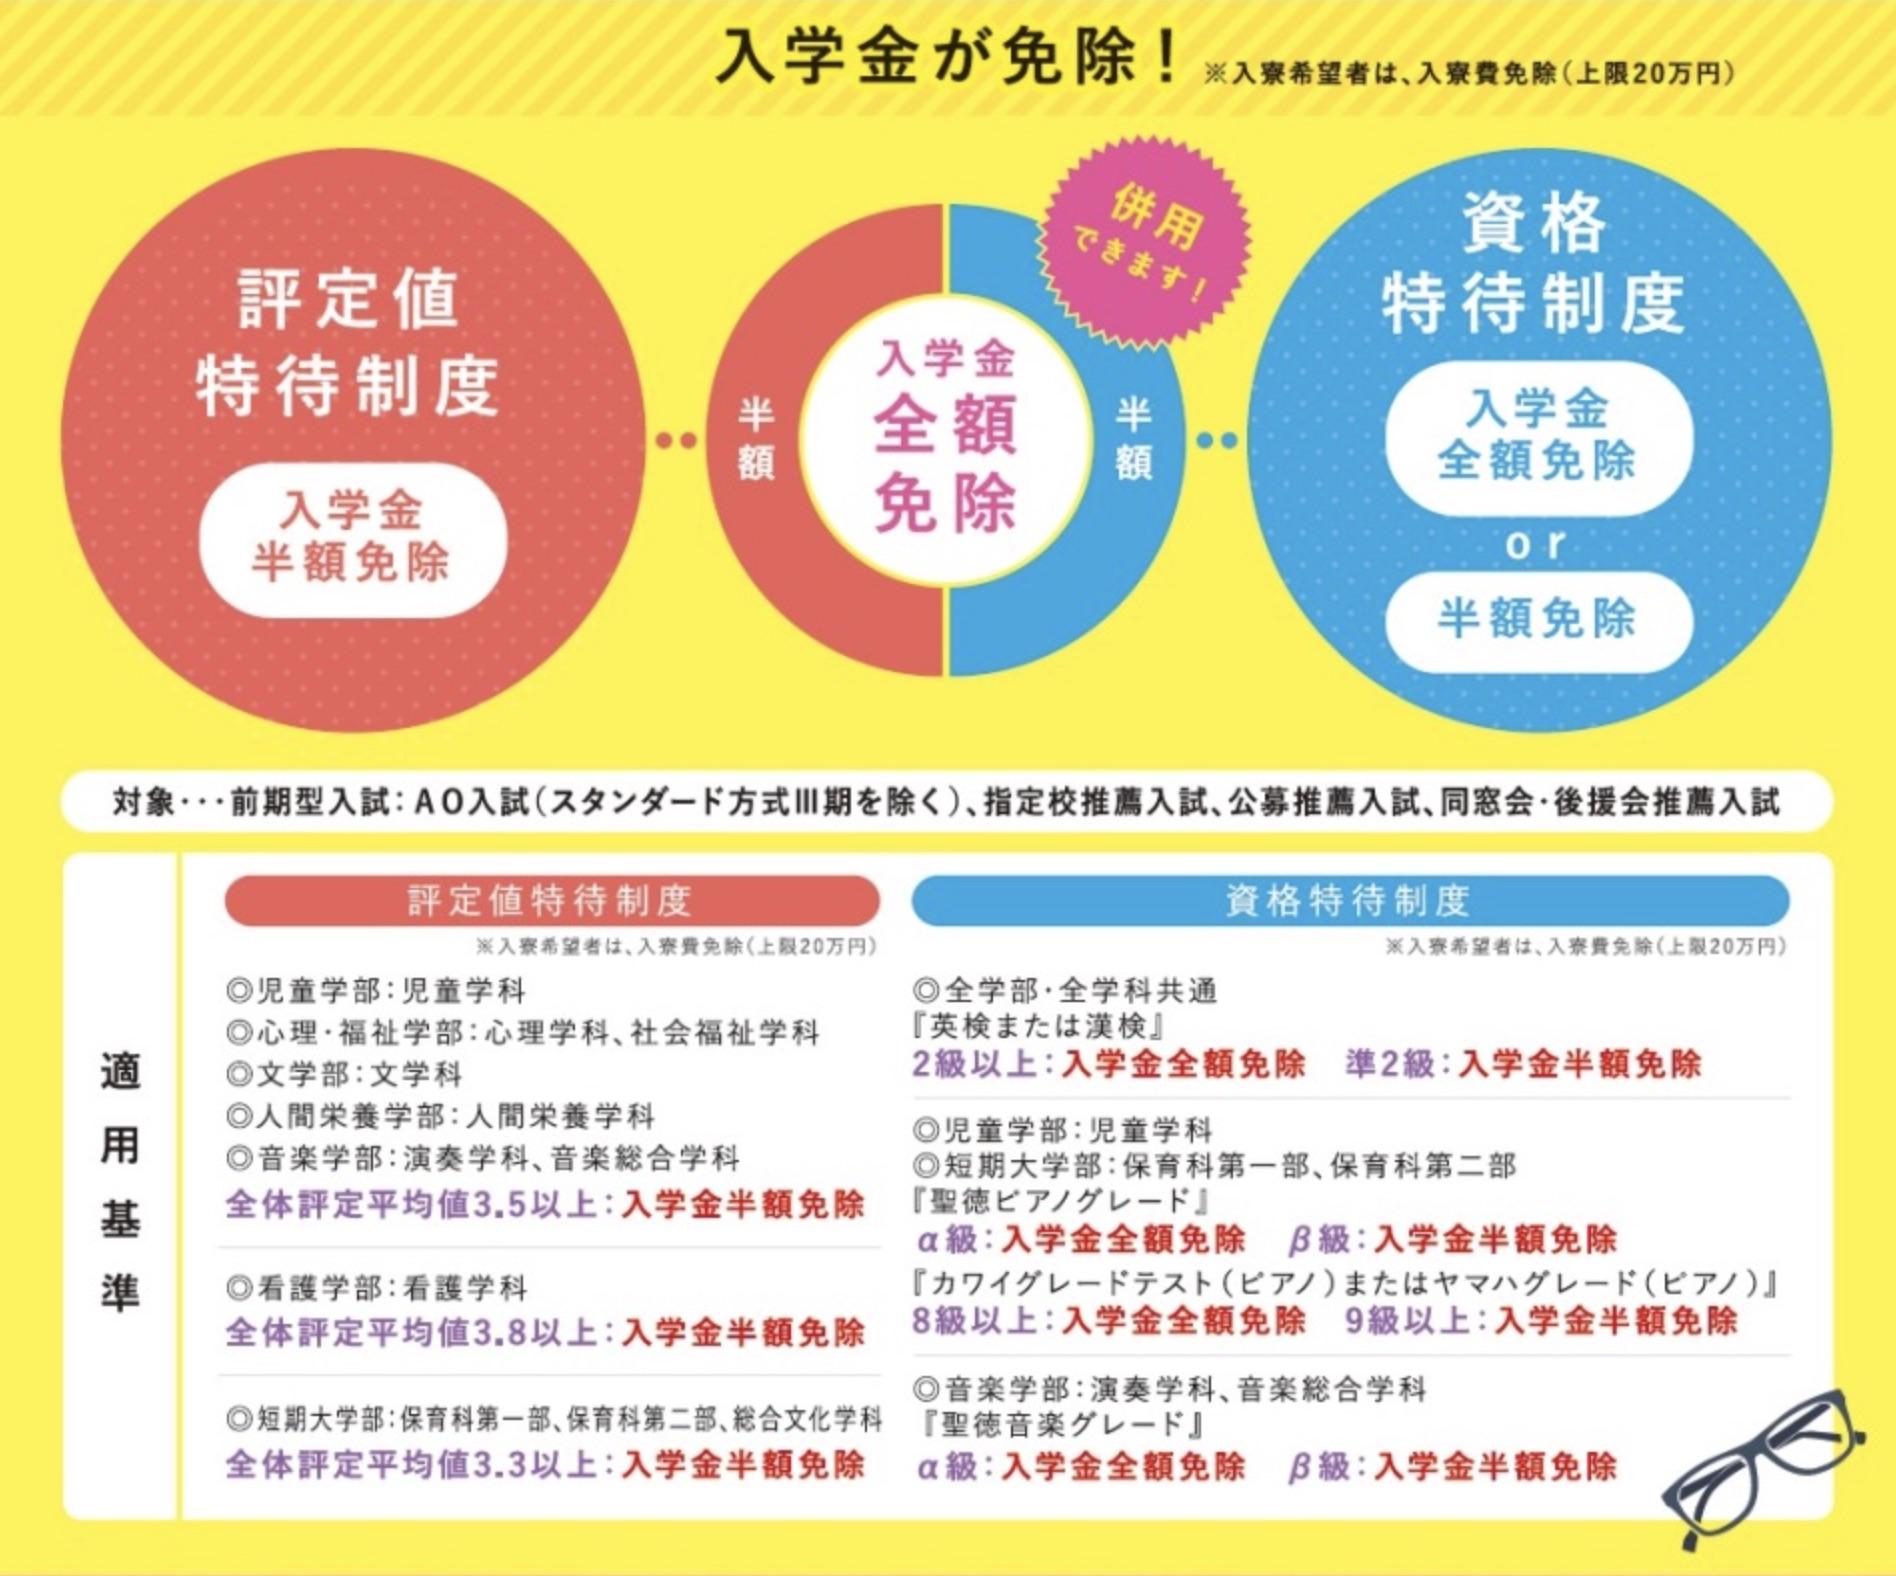 9月17日(日)にオープンキャンパスを開催致します。